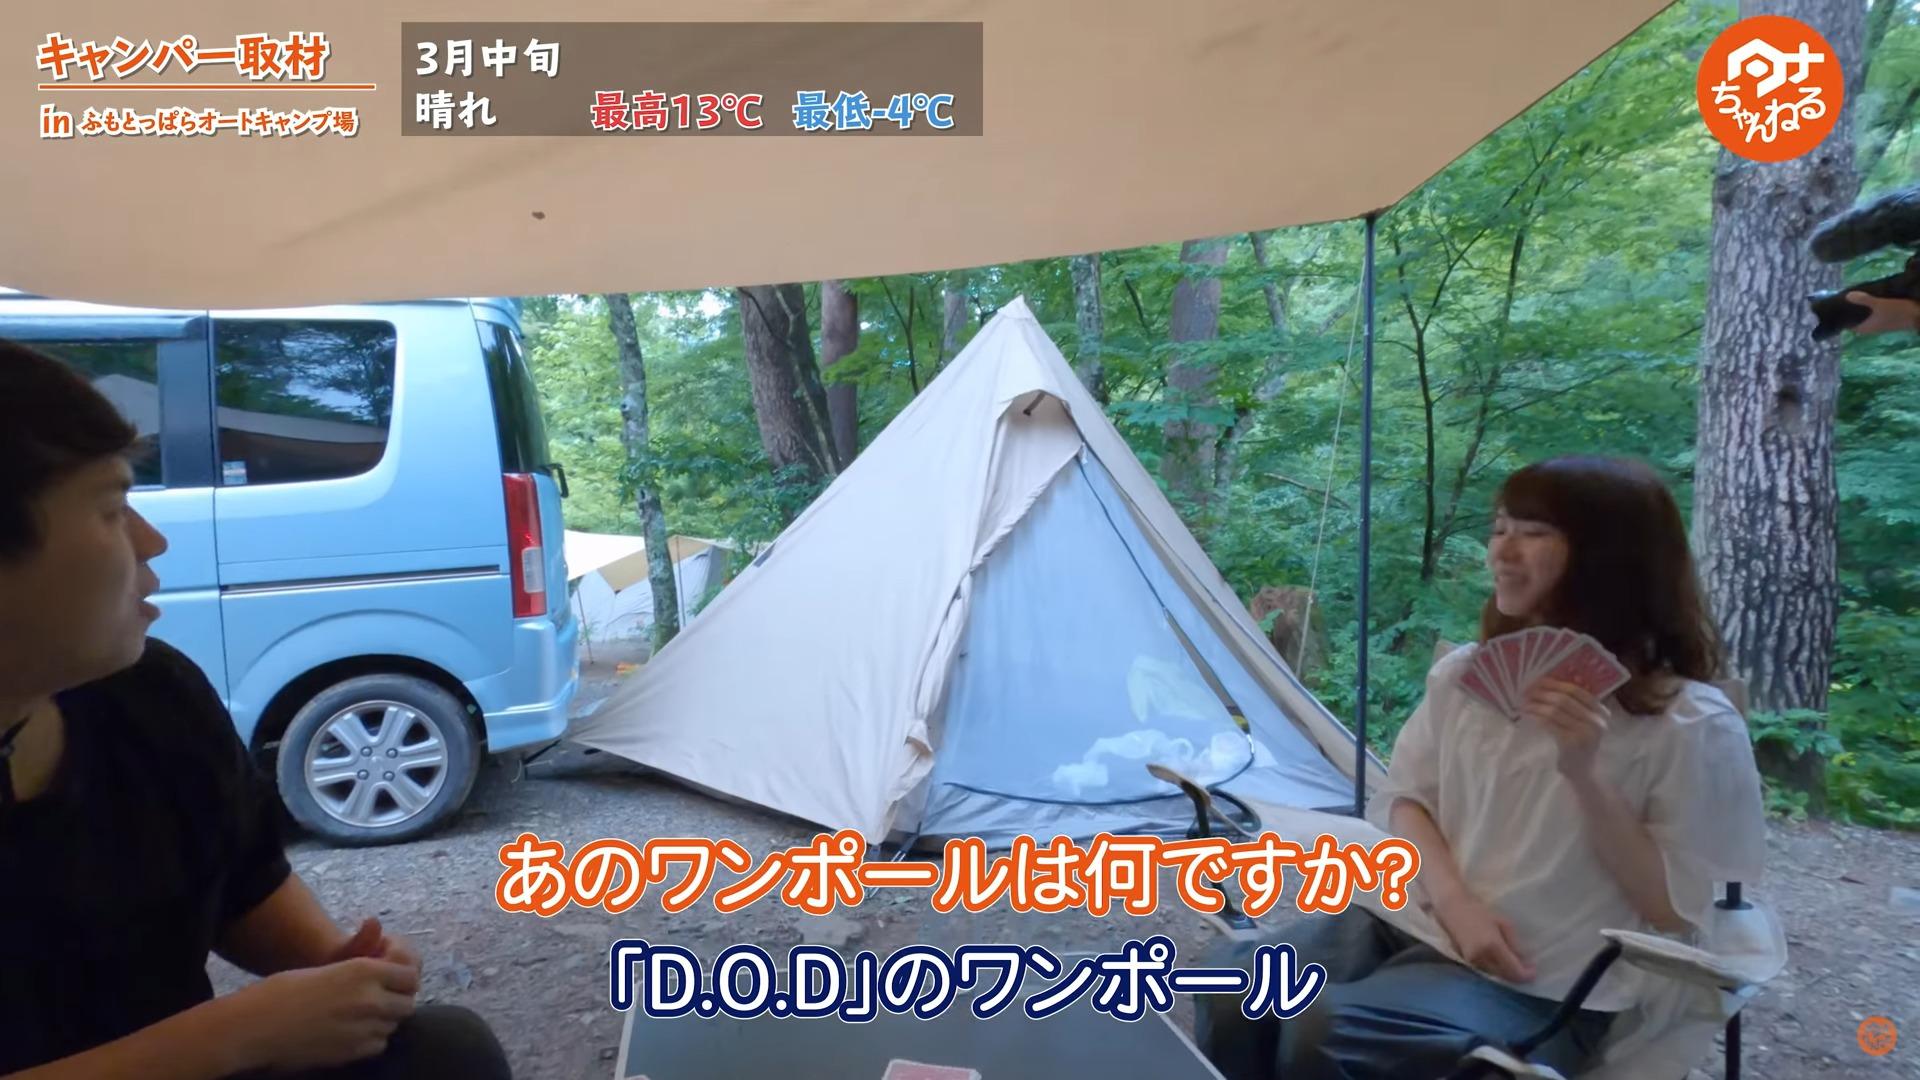 テント:【DOD】 ワンポール テント M